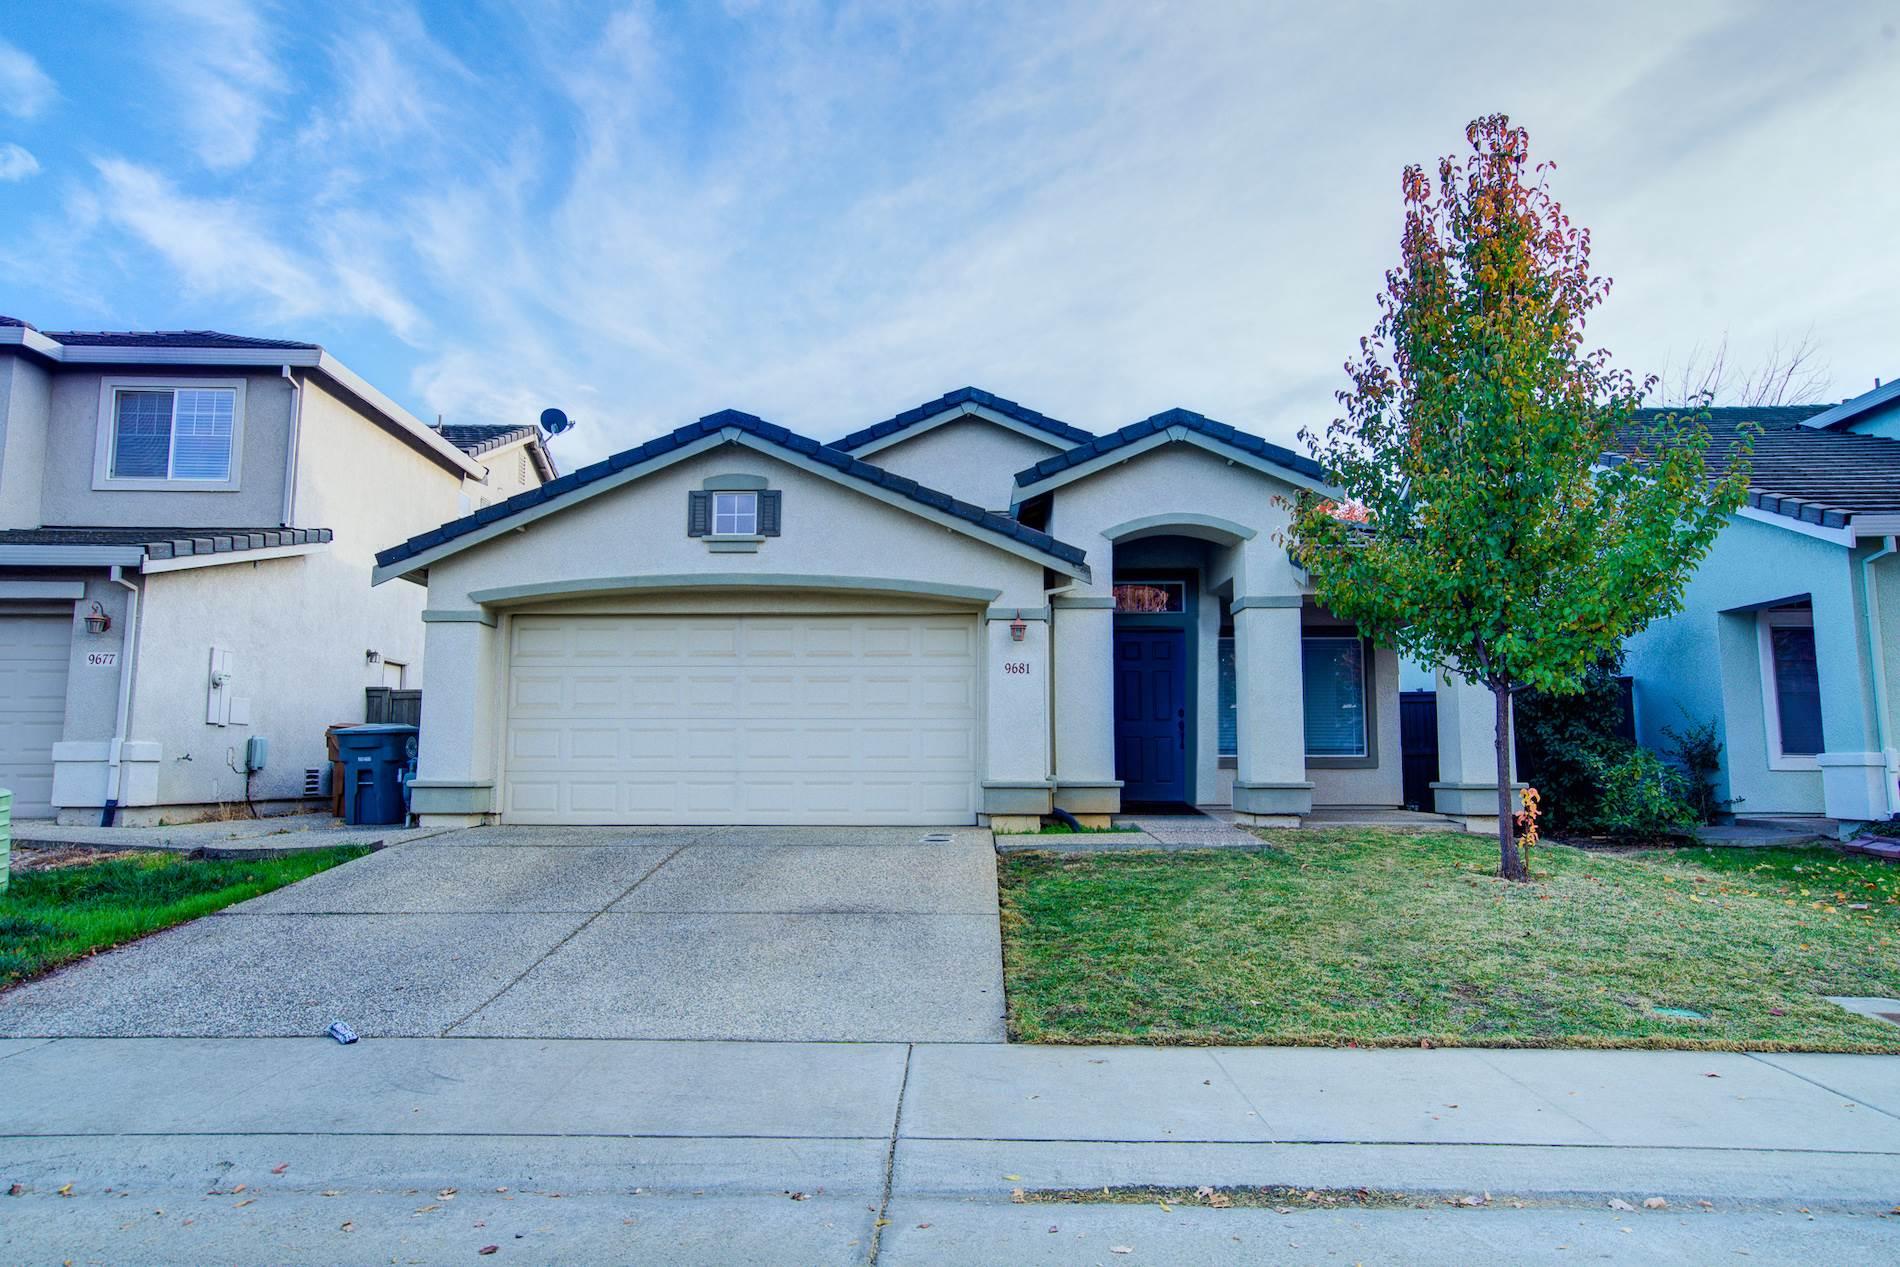 9681 Anton Oaks Way, Elk Grove, CA 95624